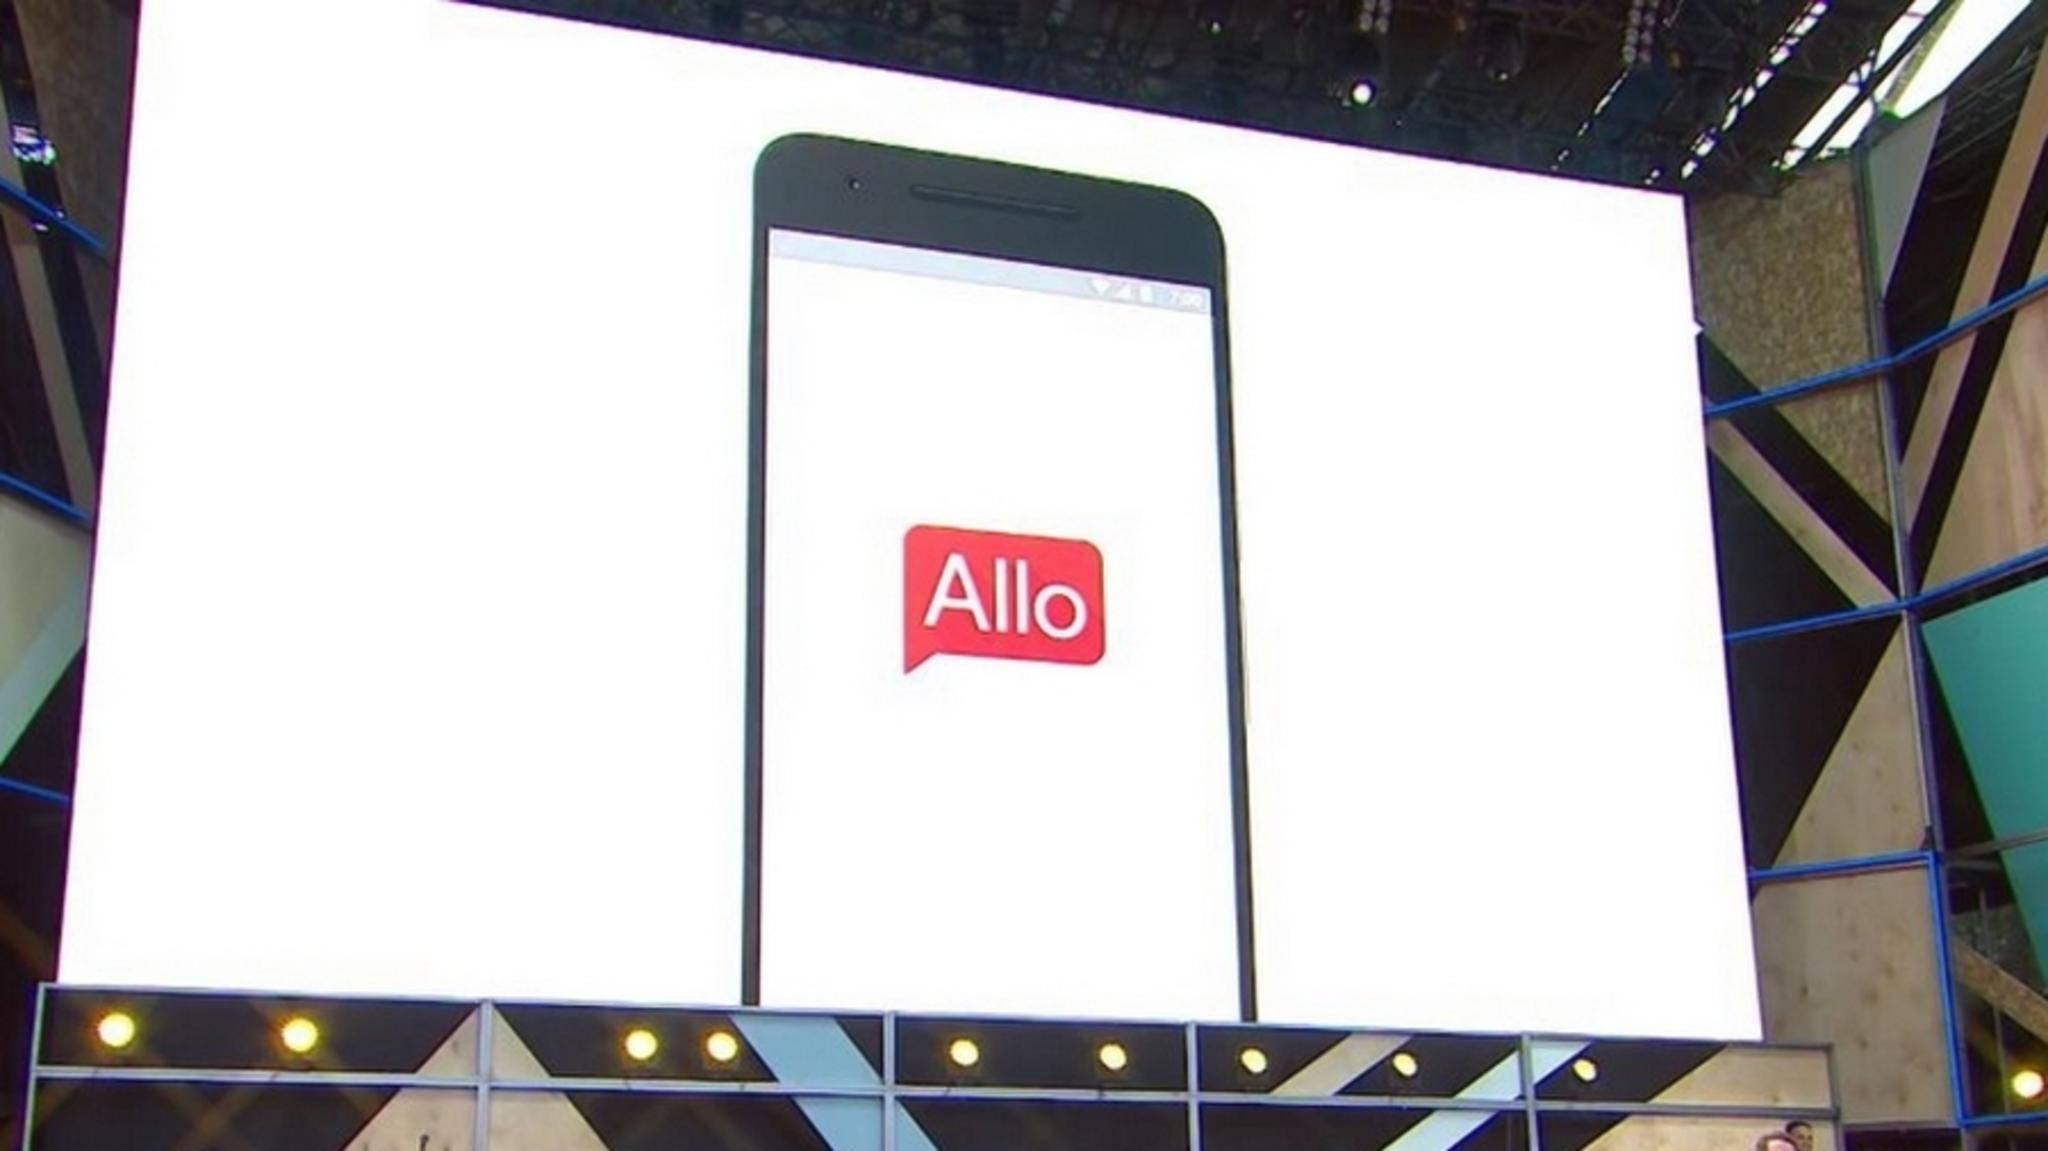 Der Messenger Allo soll auf den Desktop kommen.